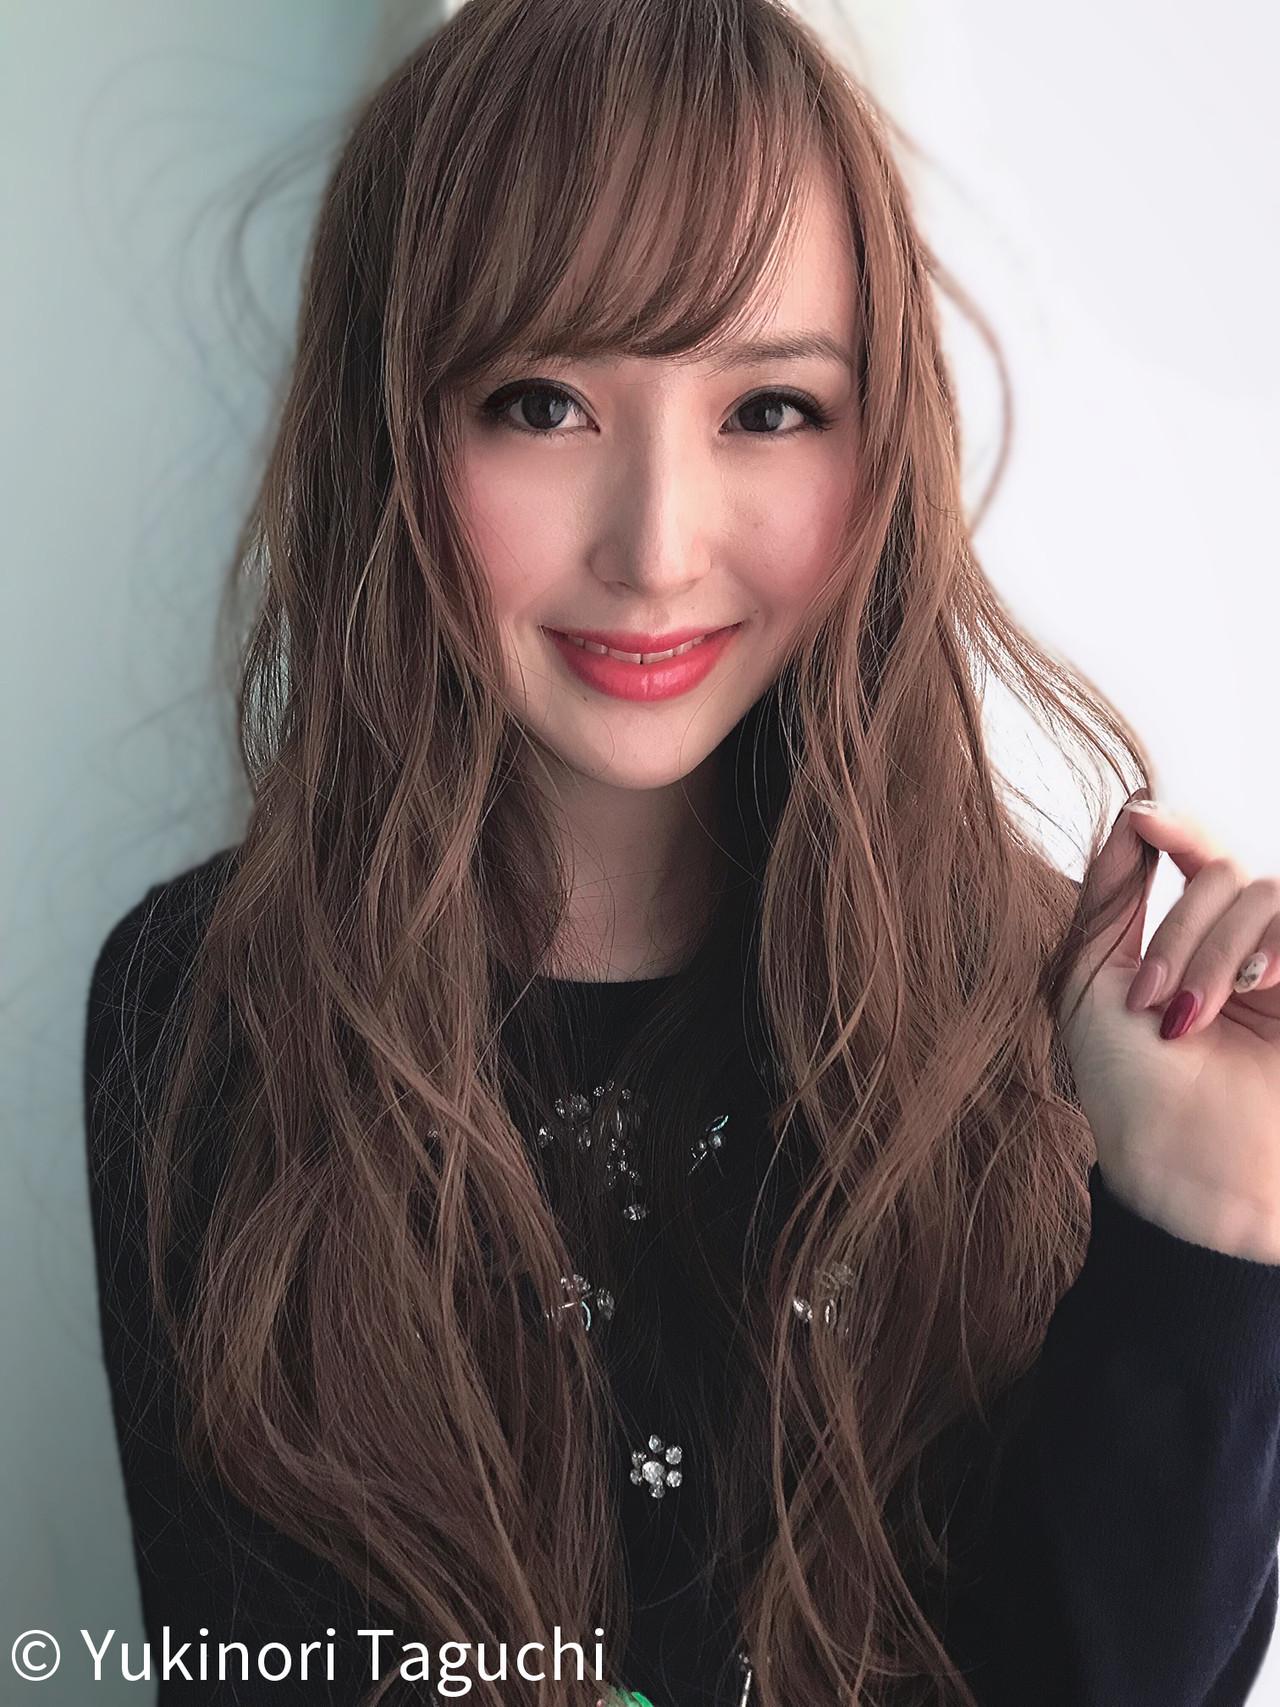 透明感カラー 波ウェーブ 毛束感 ロング ヘアスタイルや髪型の写真・画像